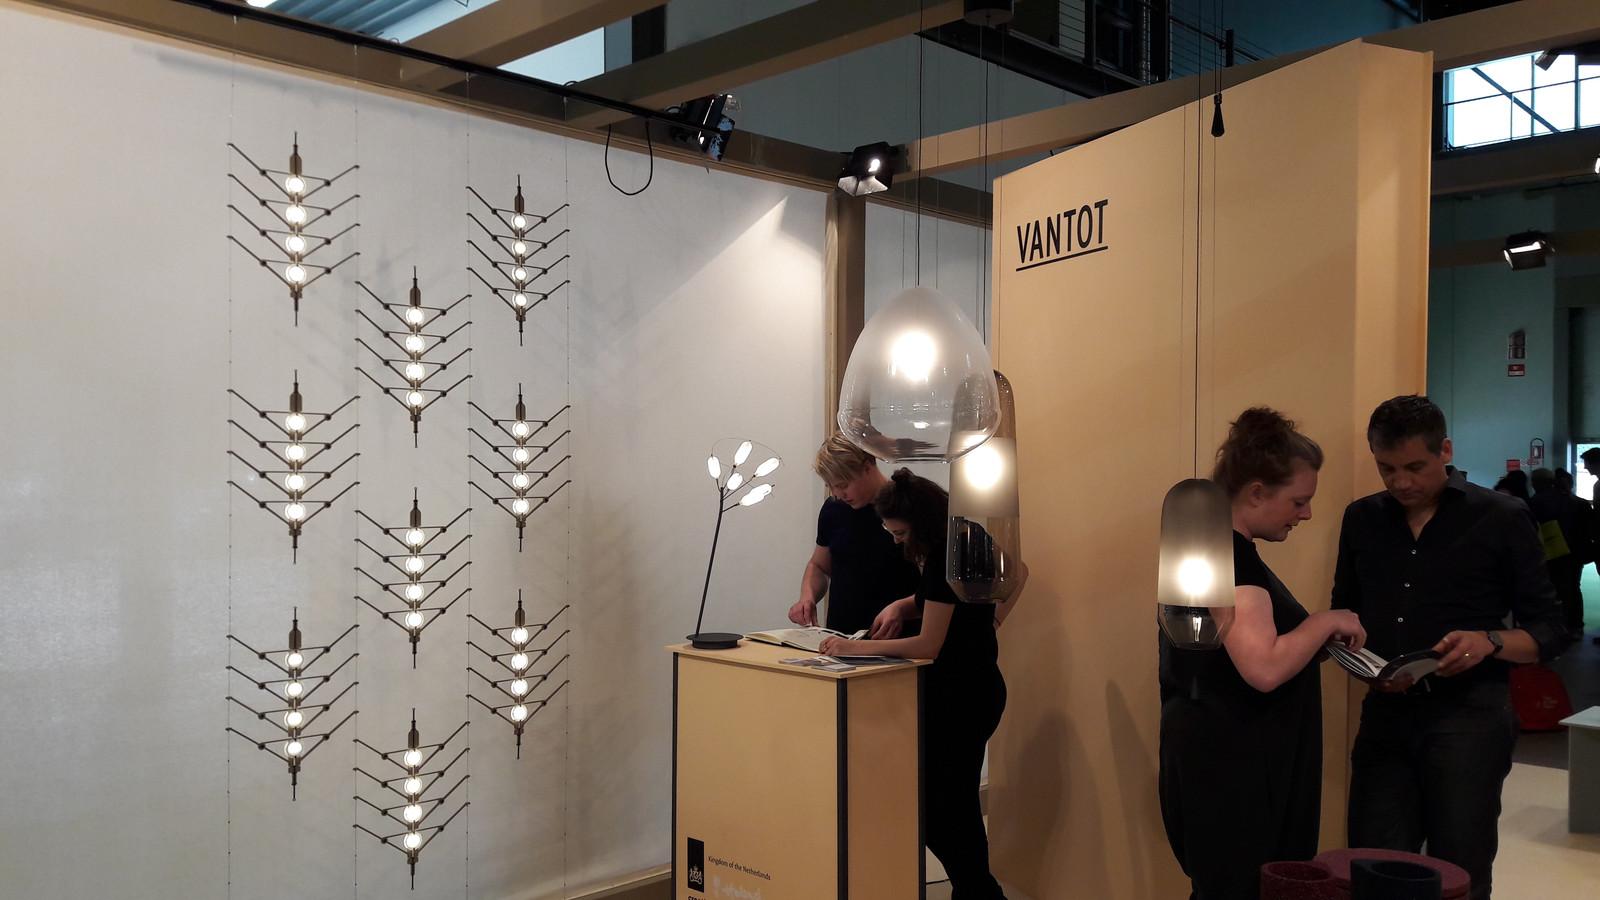 Eindhovense designers Sam van Gurp (links) en Esther Jongsma (rechts) van bureau VanTot op de beurs in Milaan in 2018.